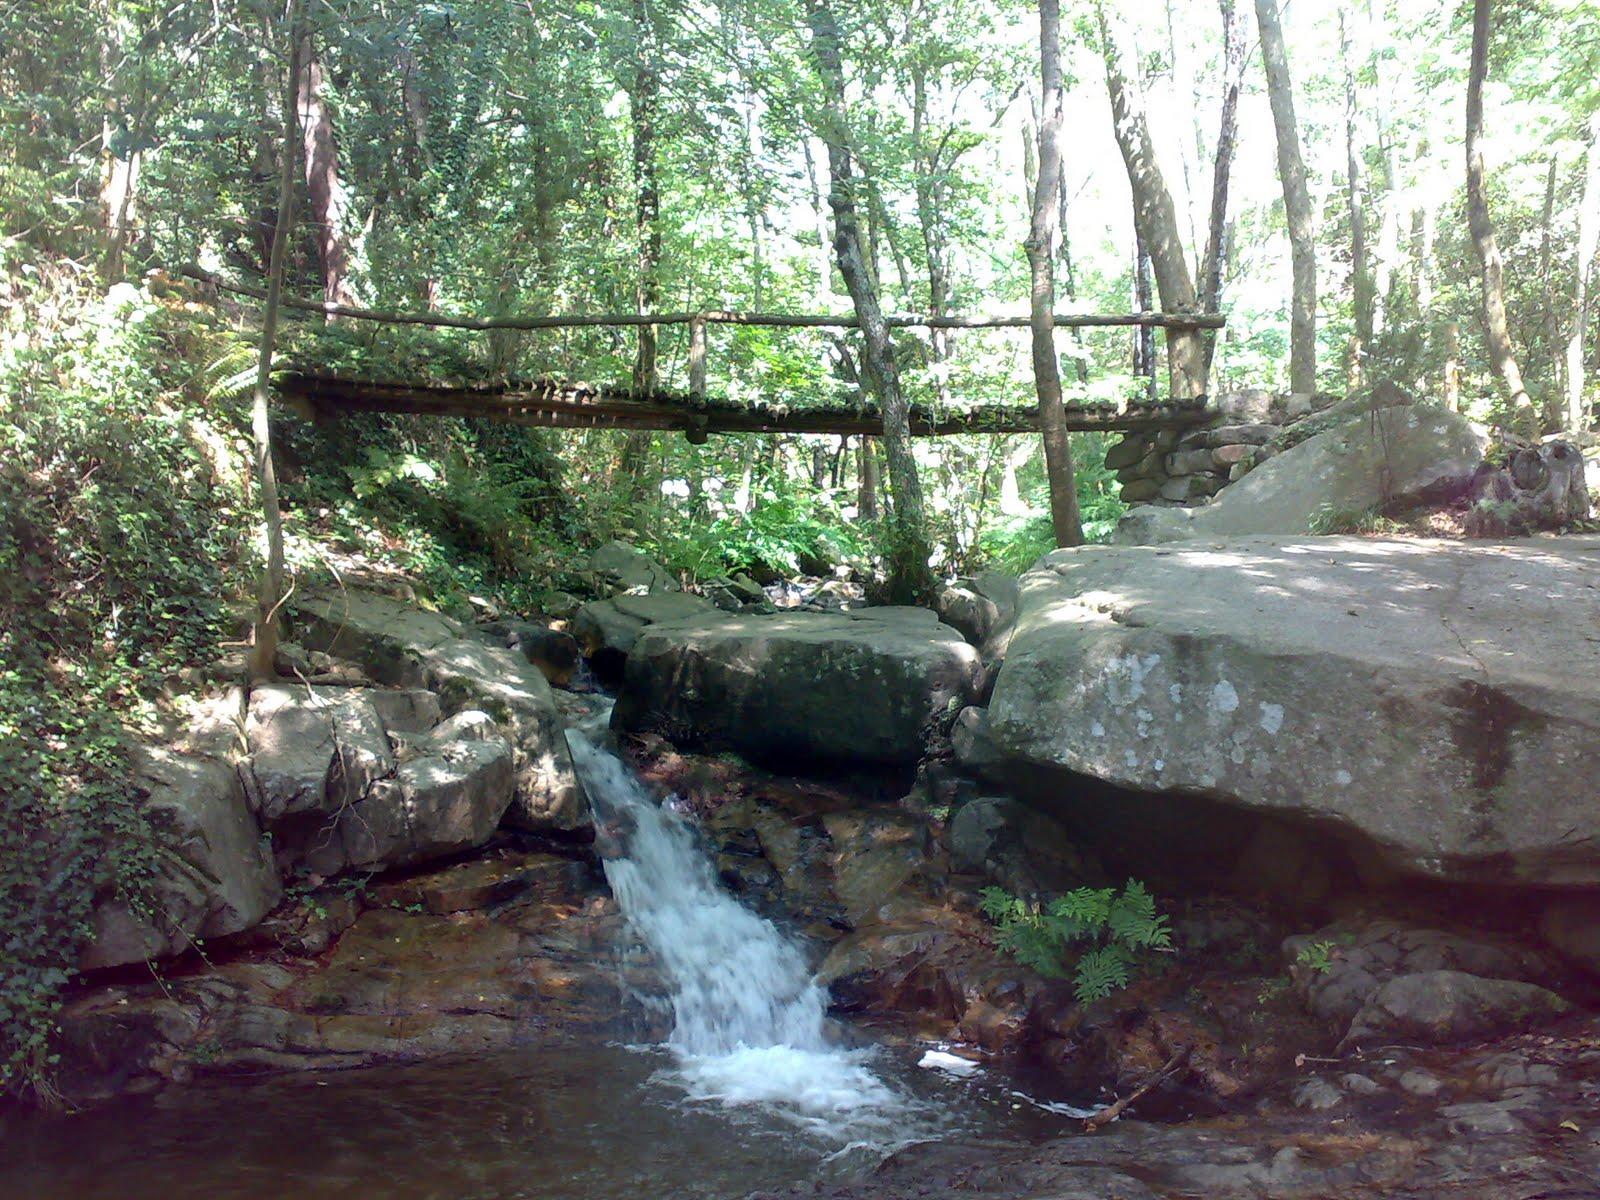 El blog de las rutas parque medioambiental gualba del racc for Piscinas del montseny